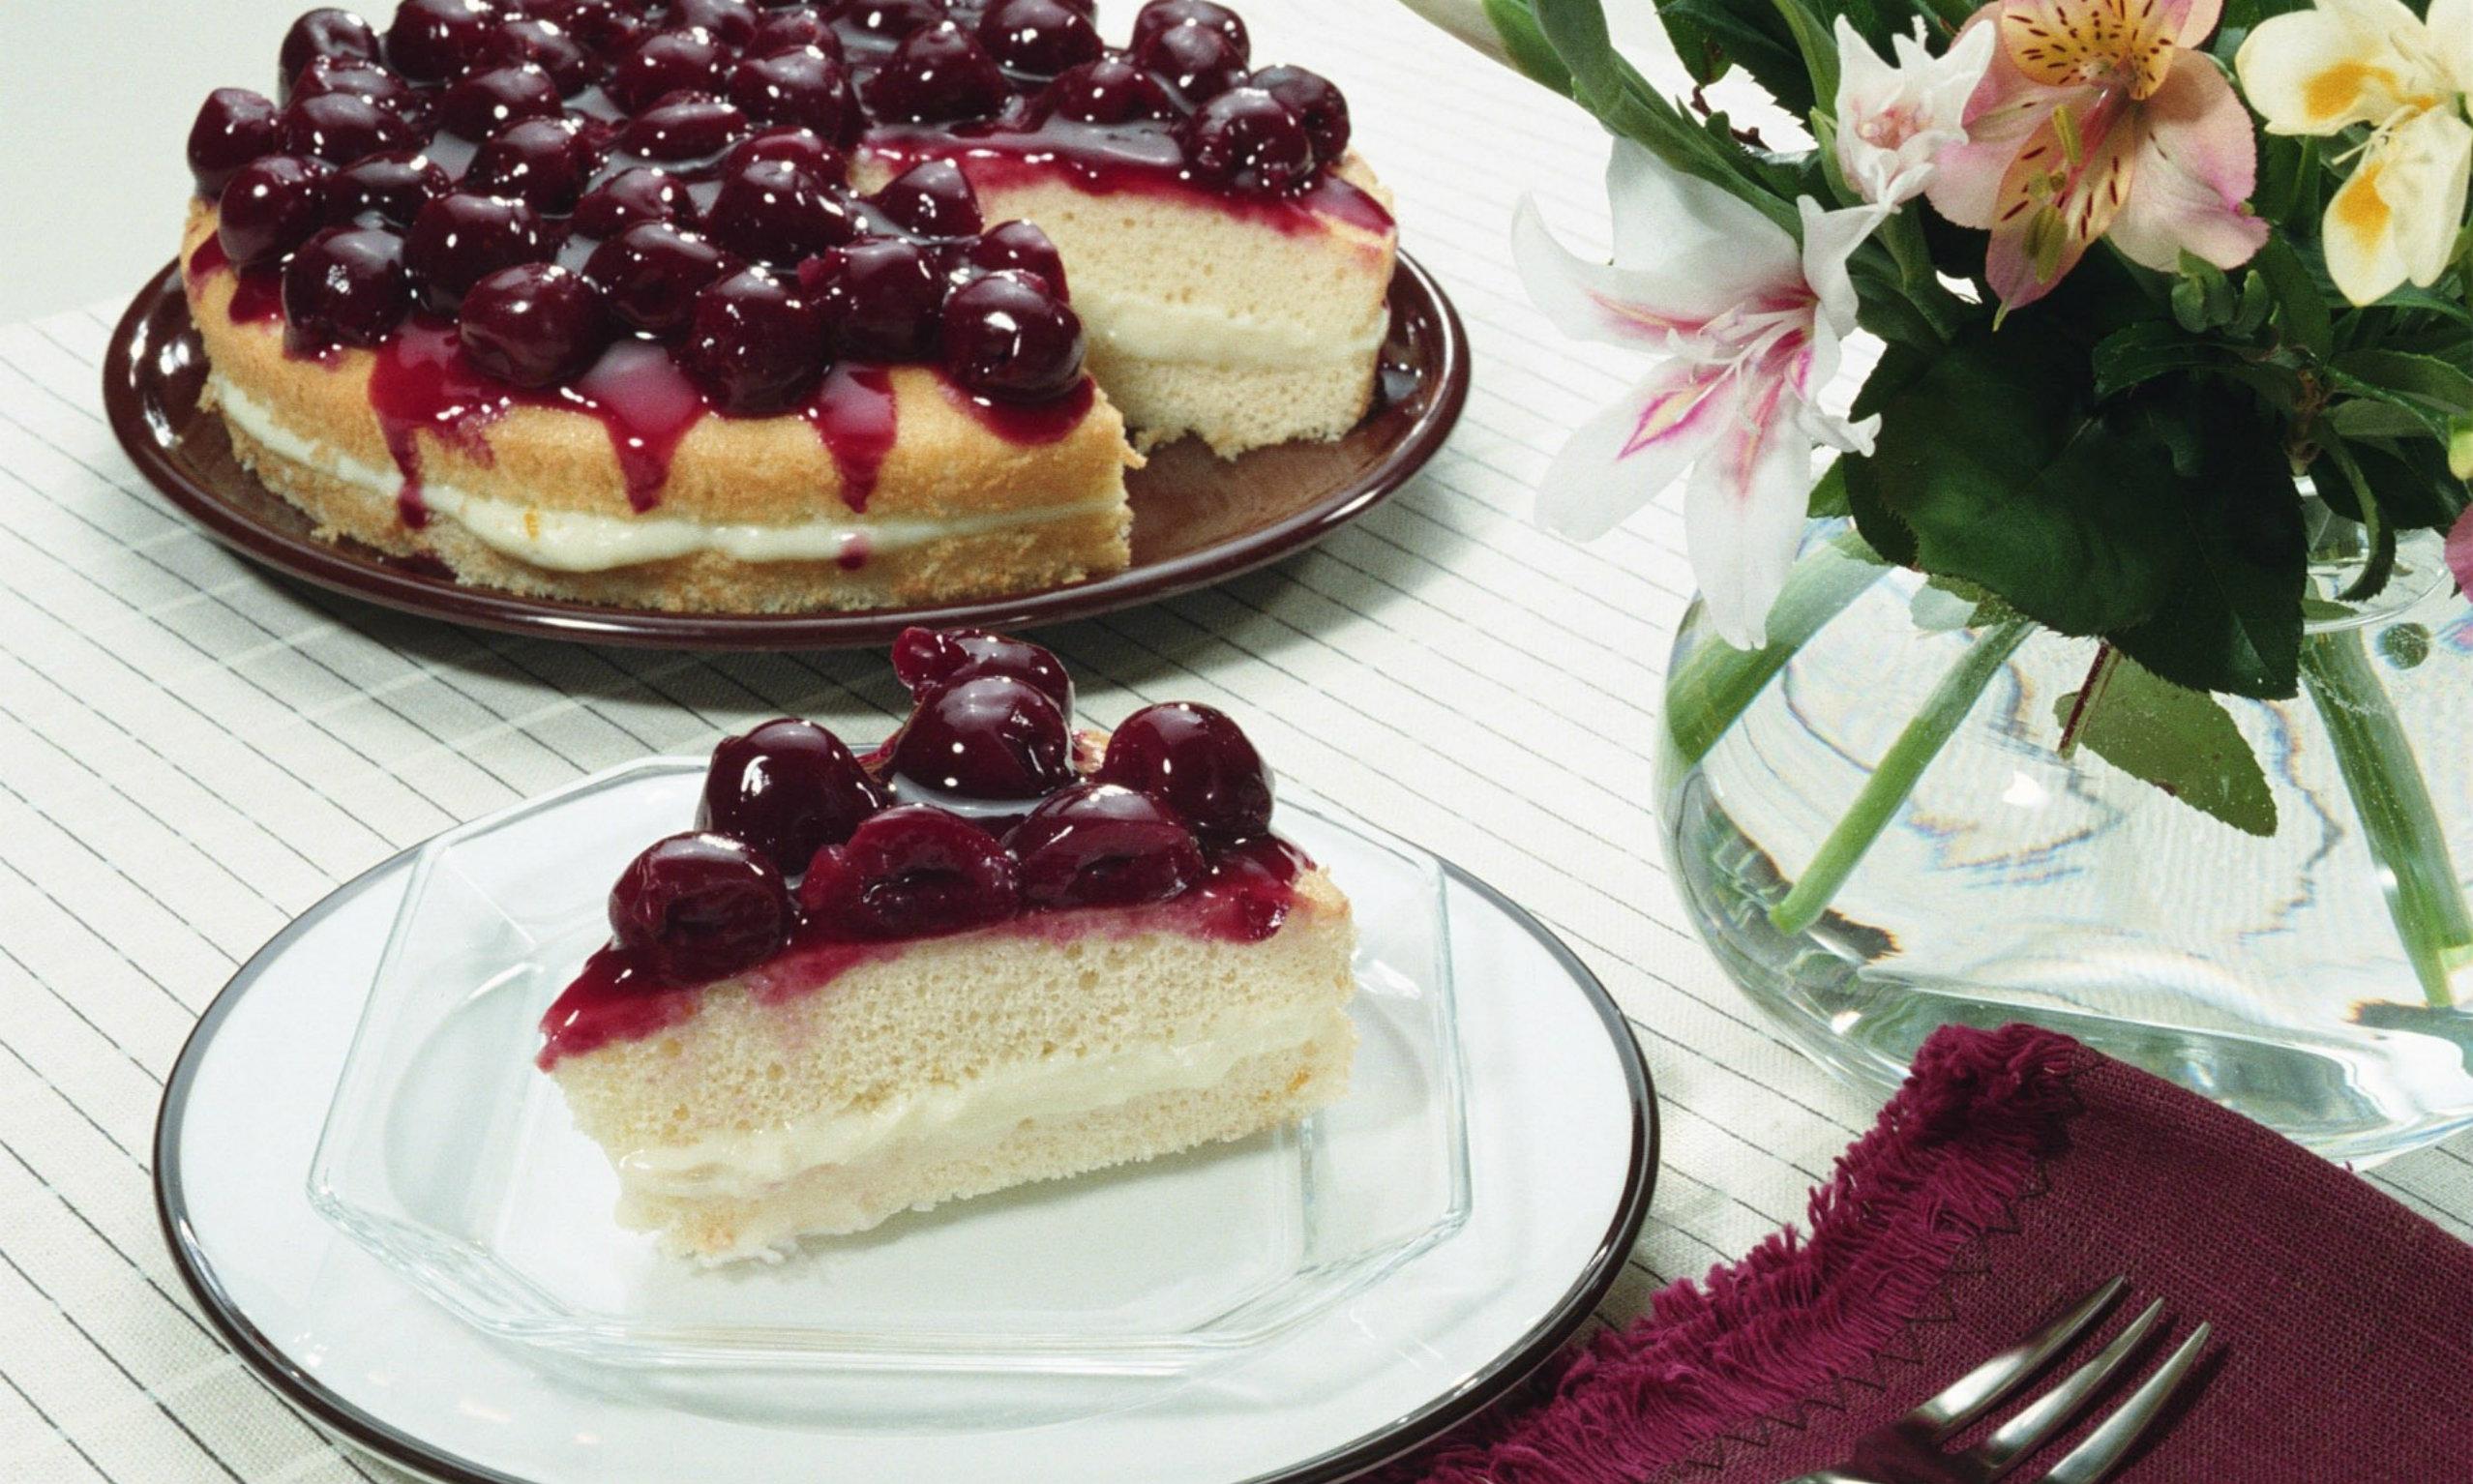 z1 Kruche ciasto z owocami i budyniową pianką